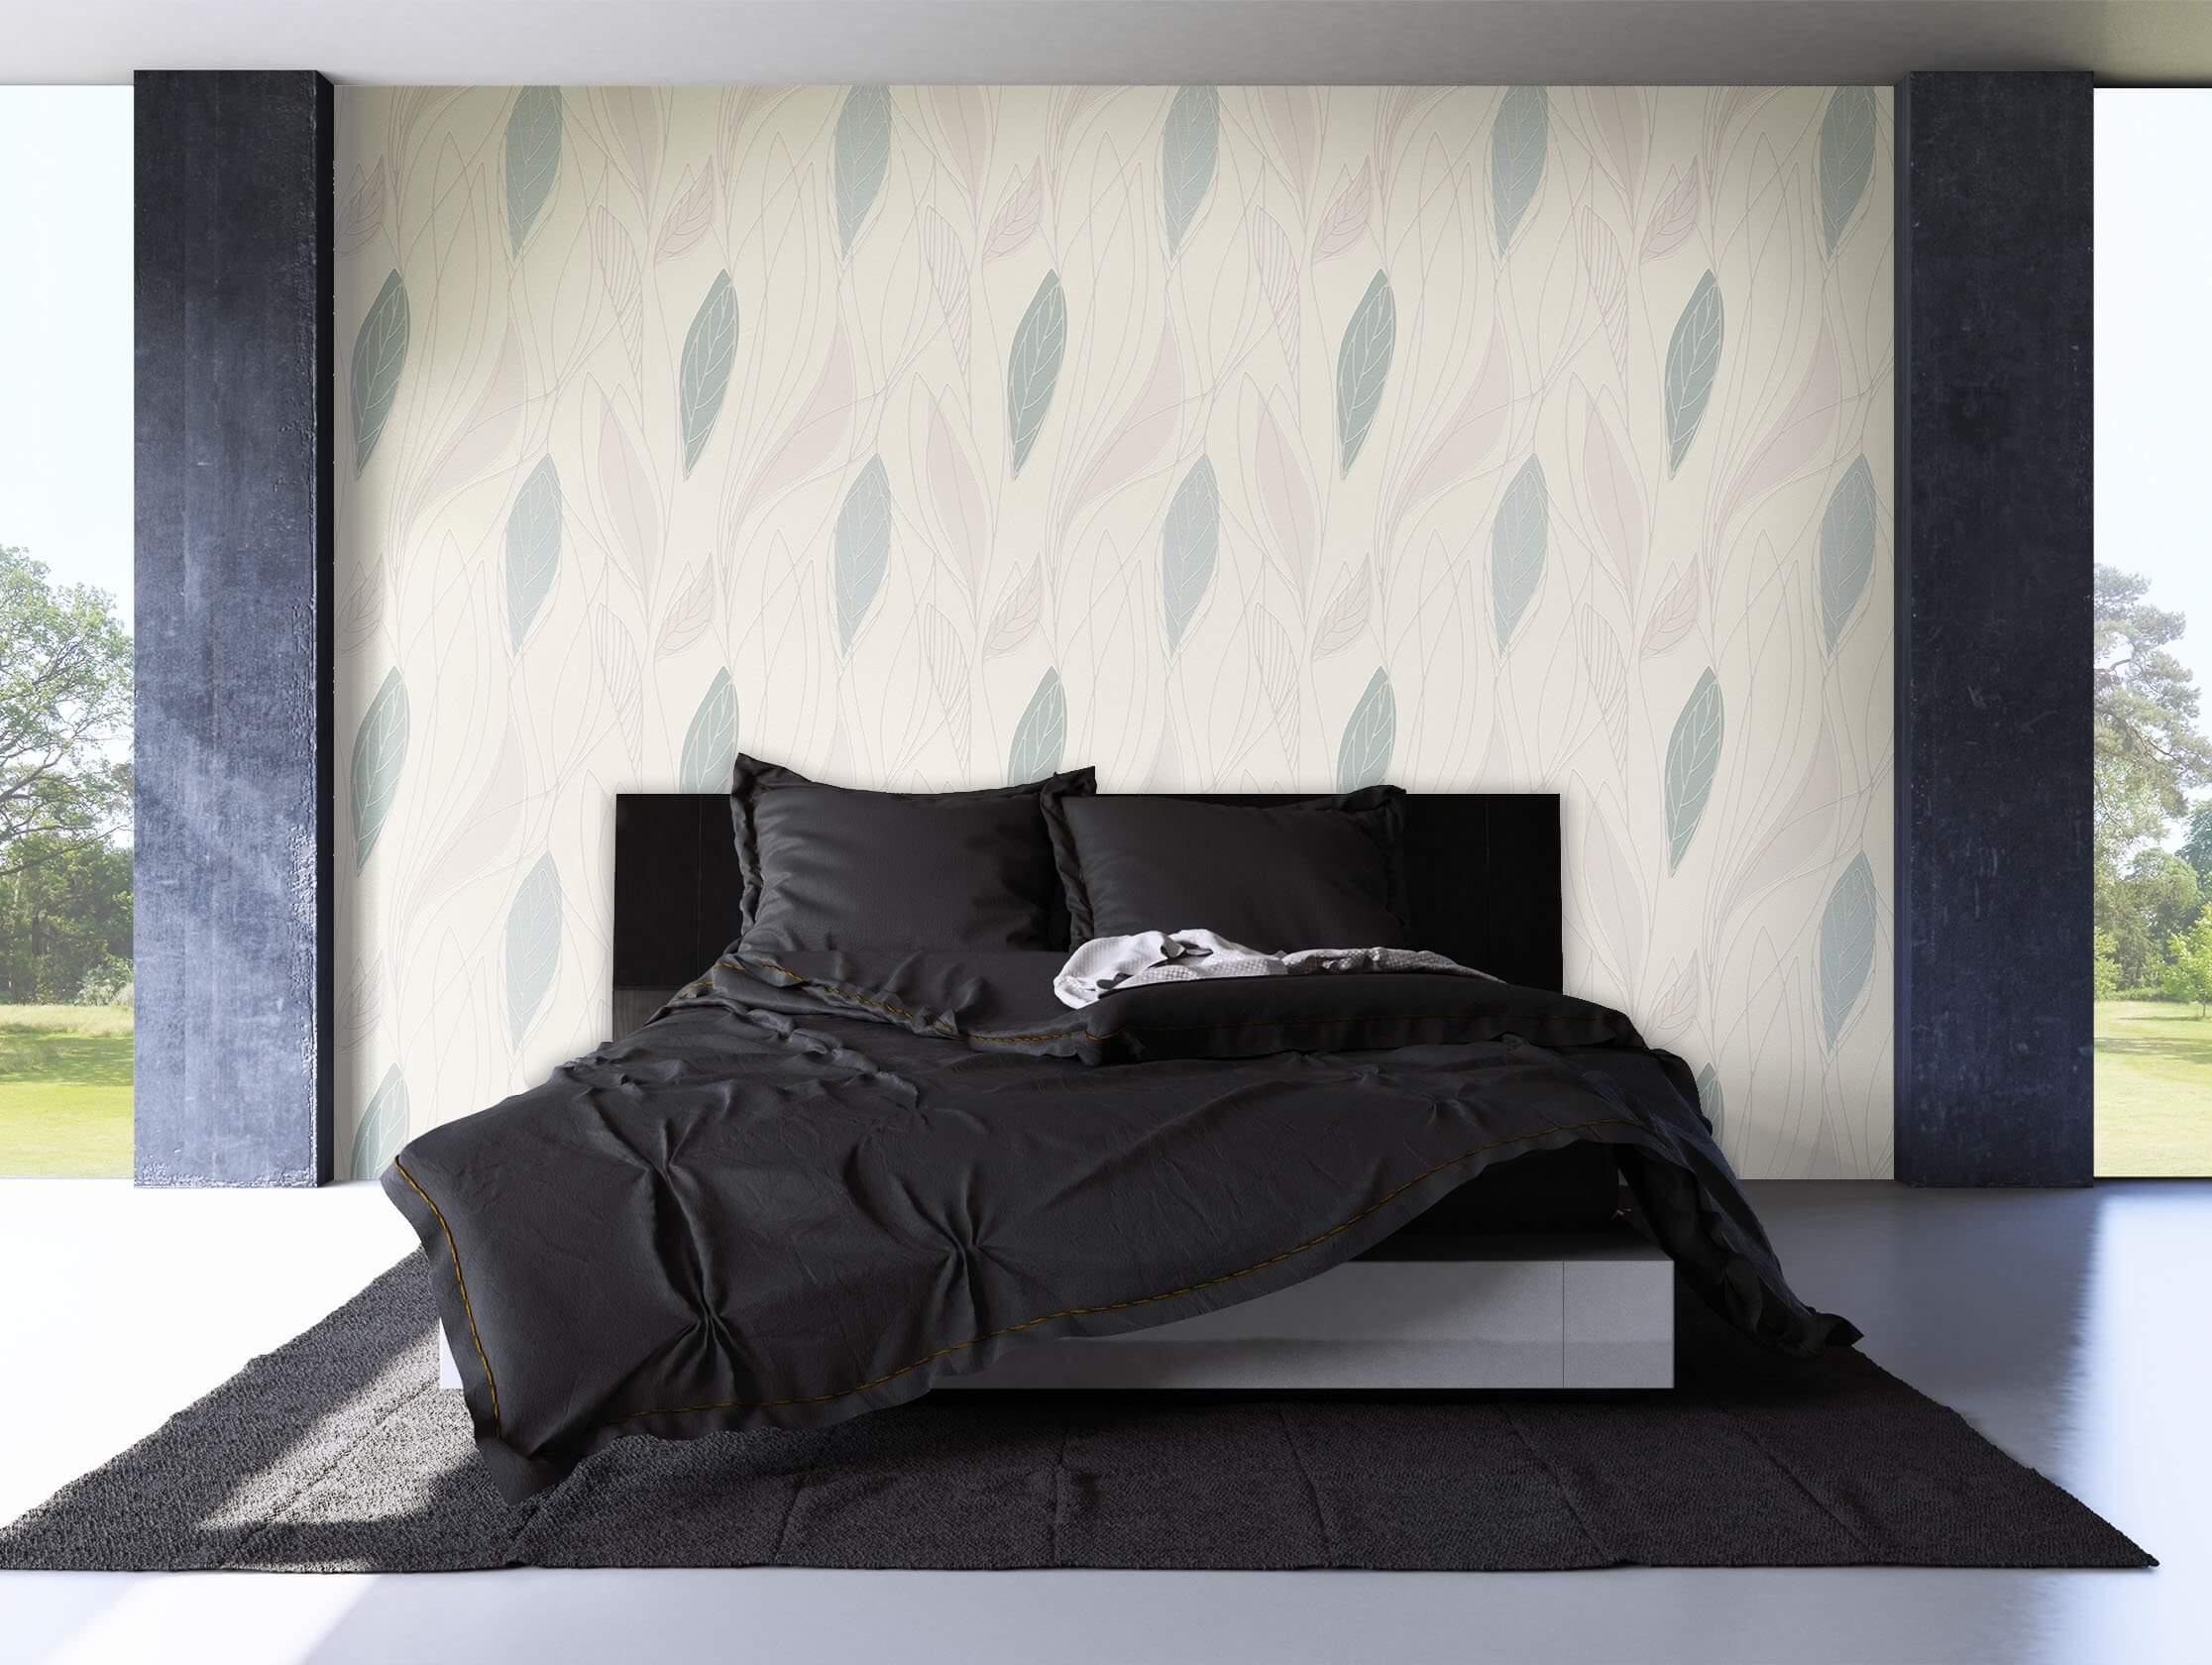 vliestapete wei modern wohnen schlafen k che diele newroom. Black Bedroom Furniture Sets. Home Design Ideas